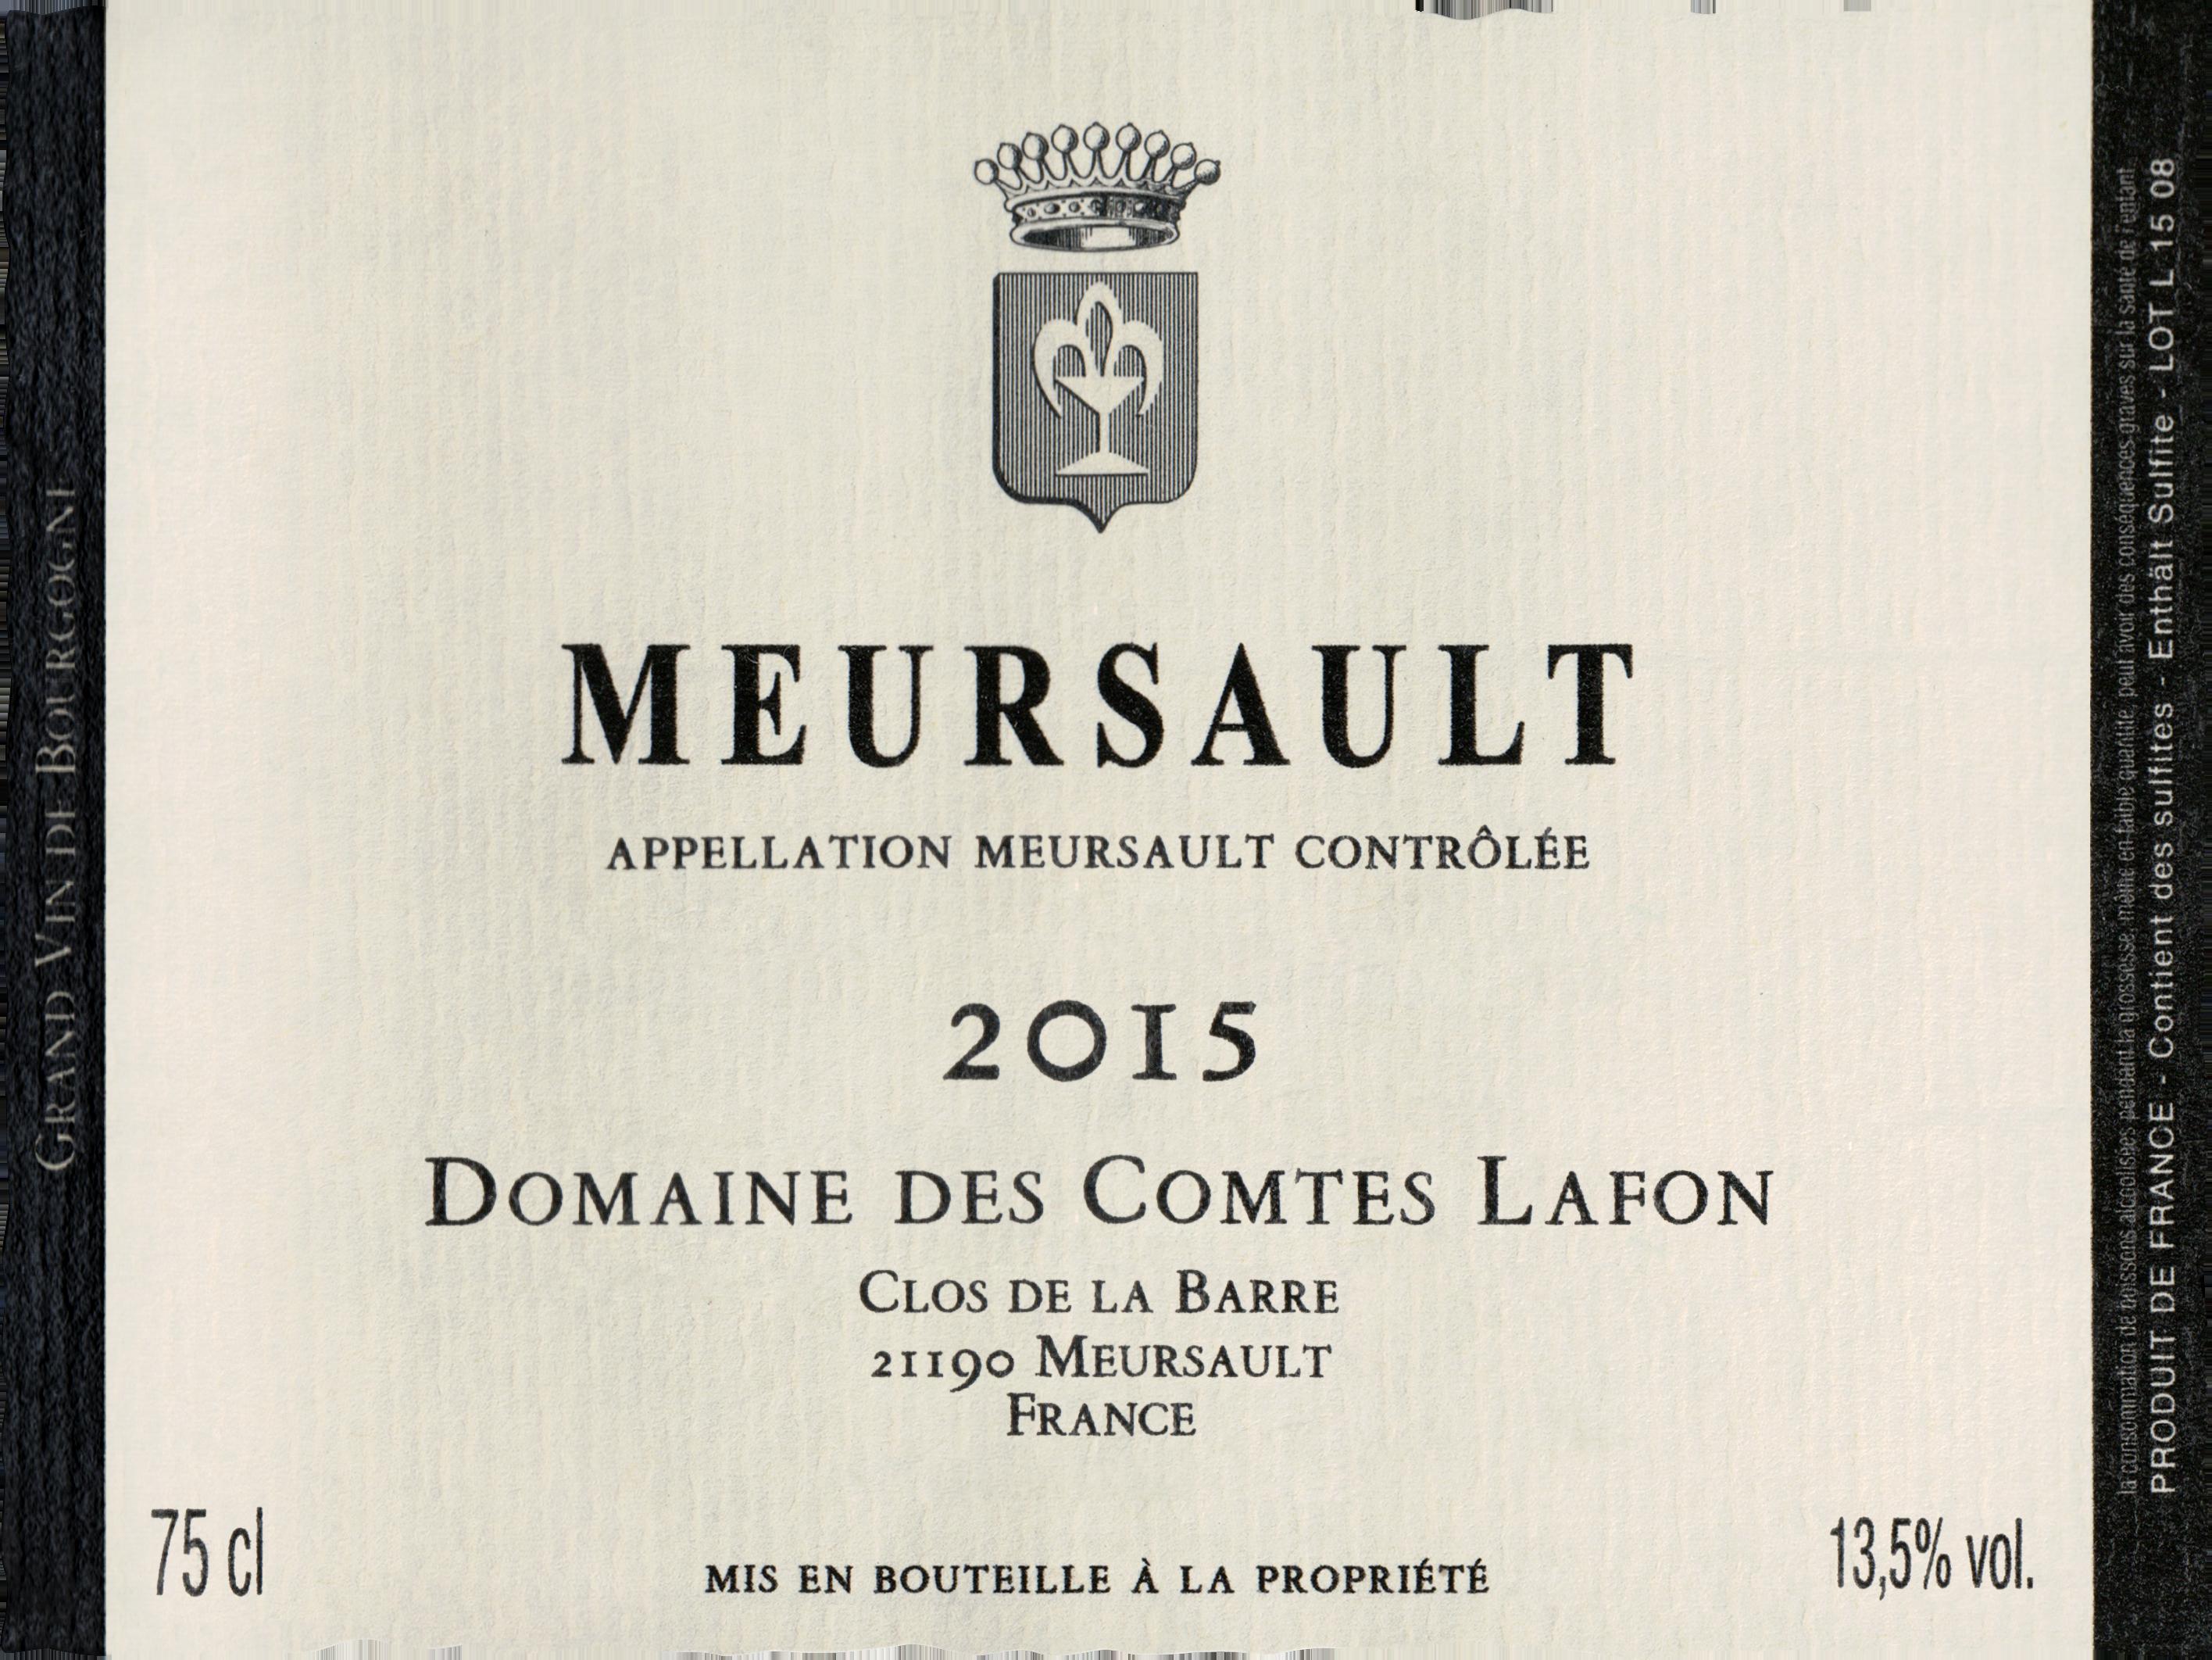 Domaine Des Comtes Lafon Meursault 2015